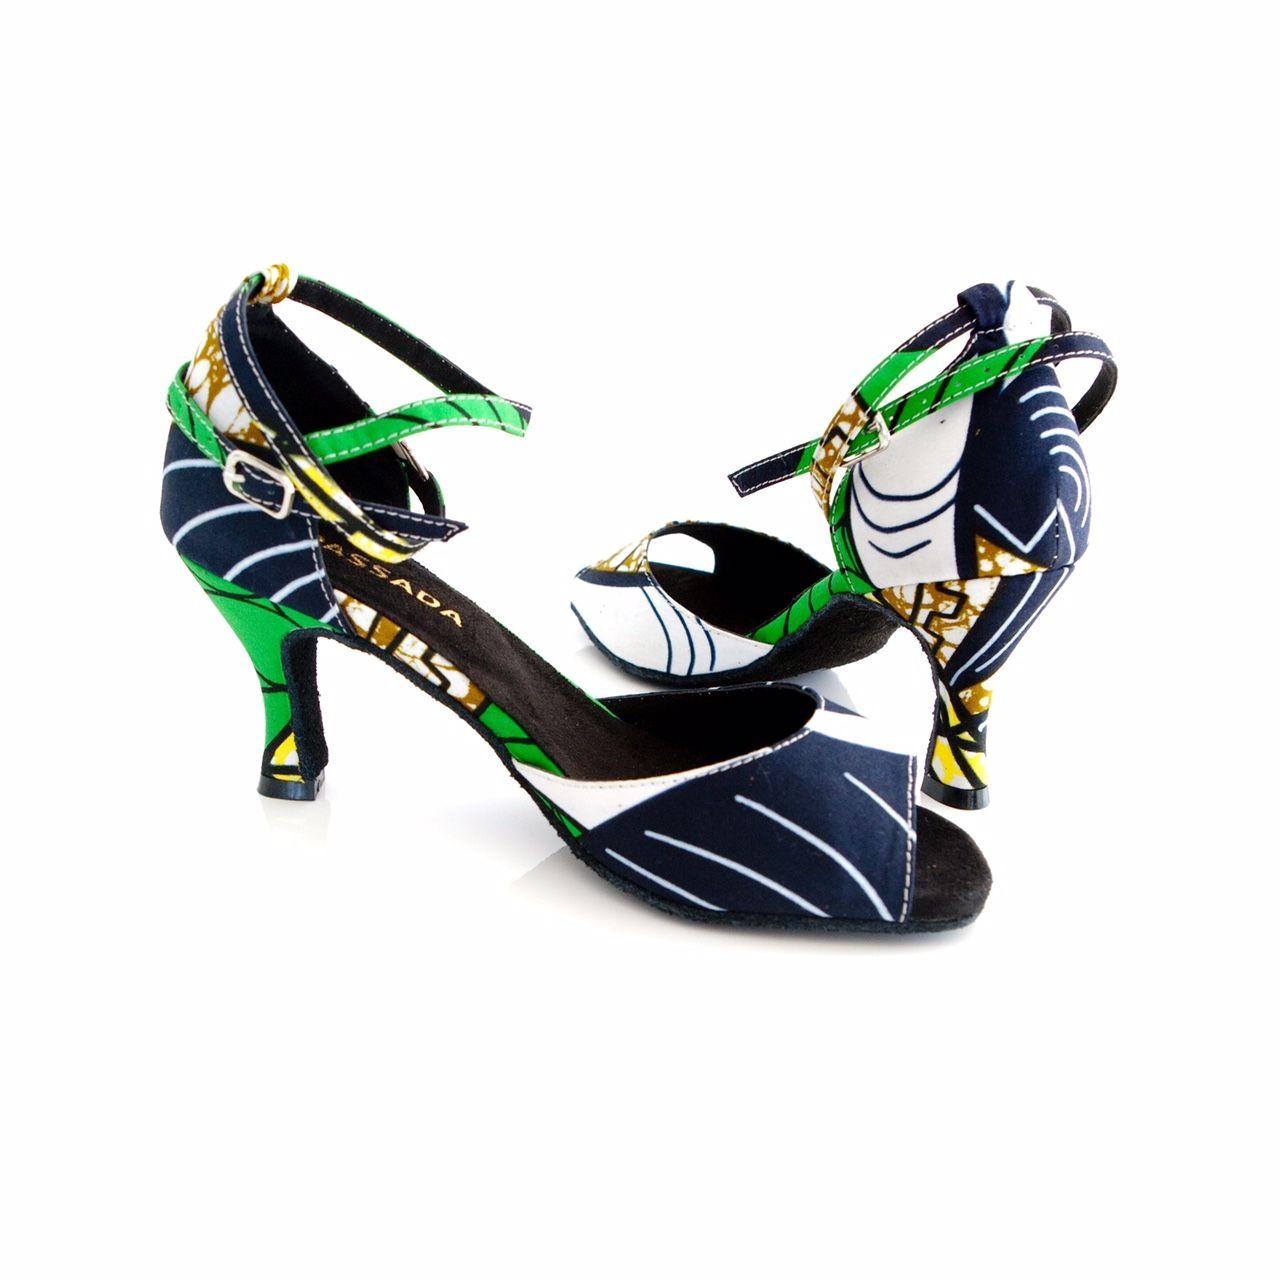 The ultimate kizomba shoe lightweight comfortable and